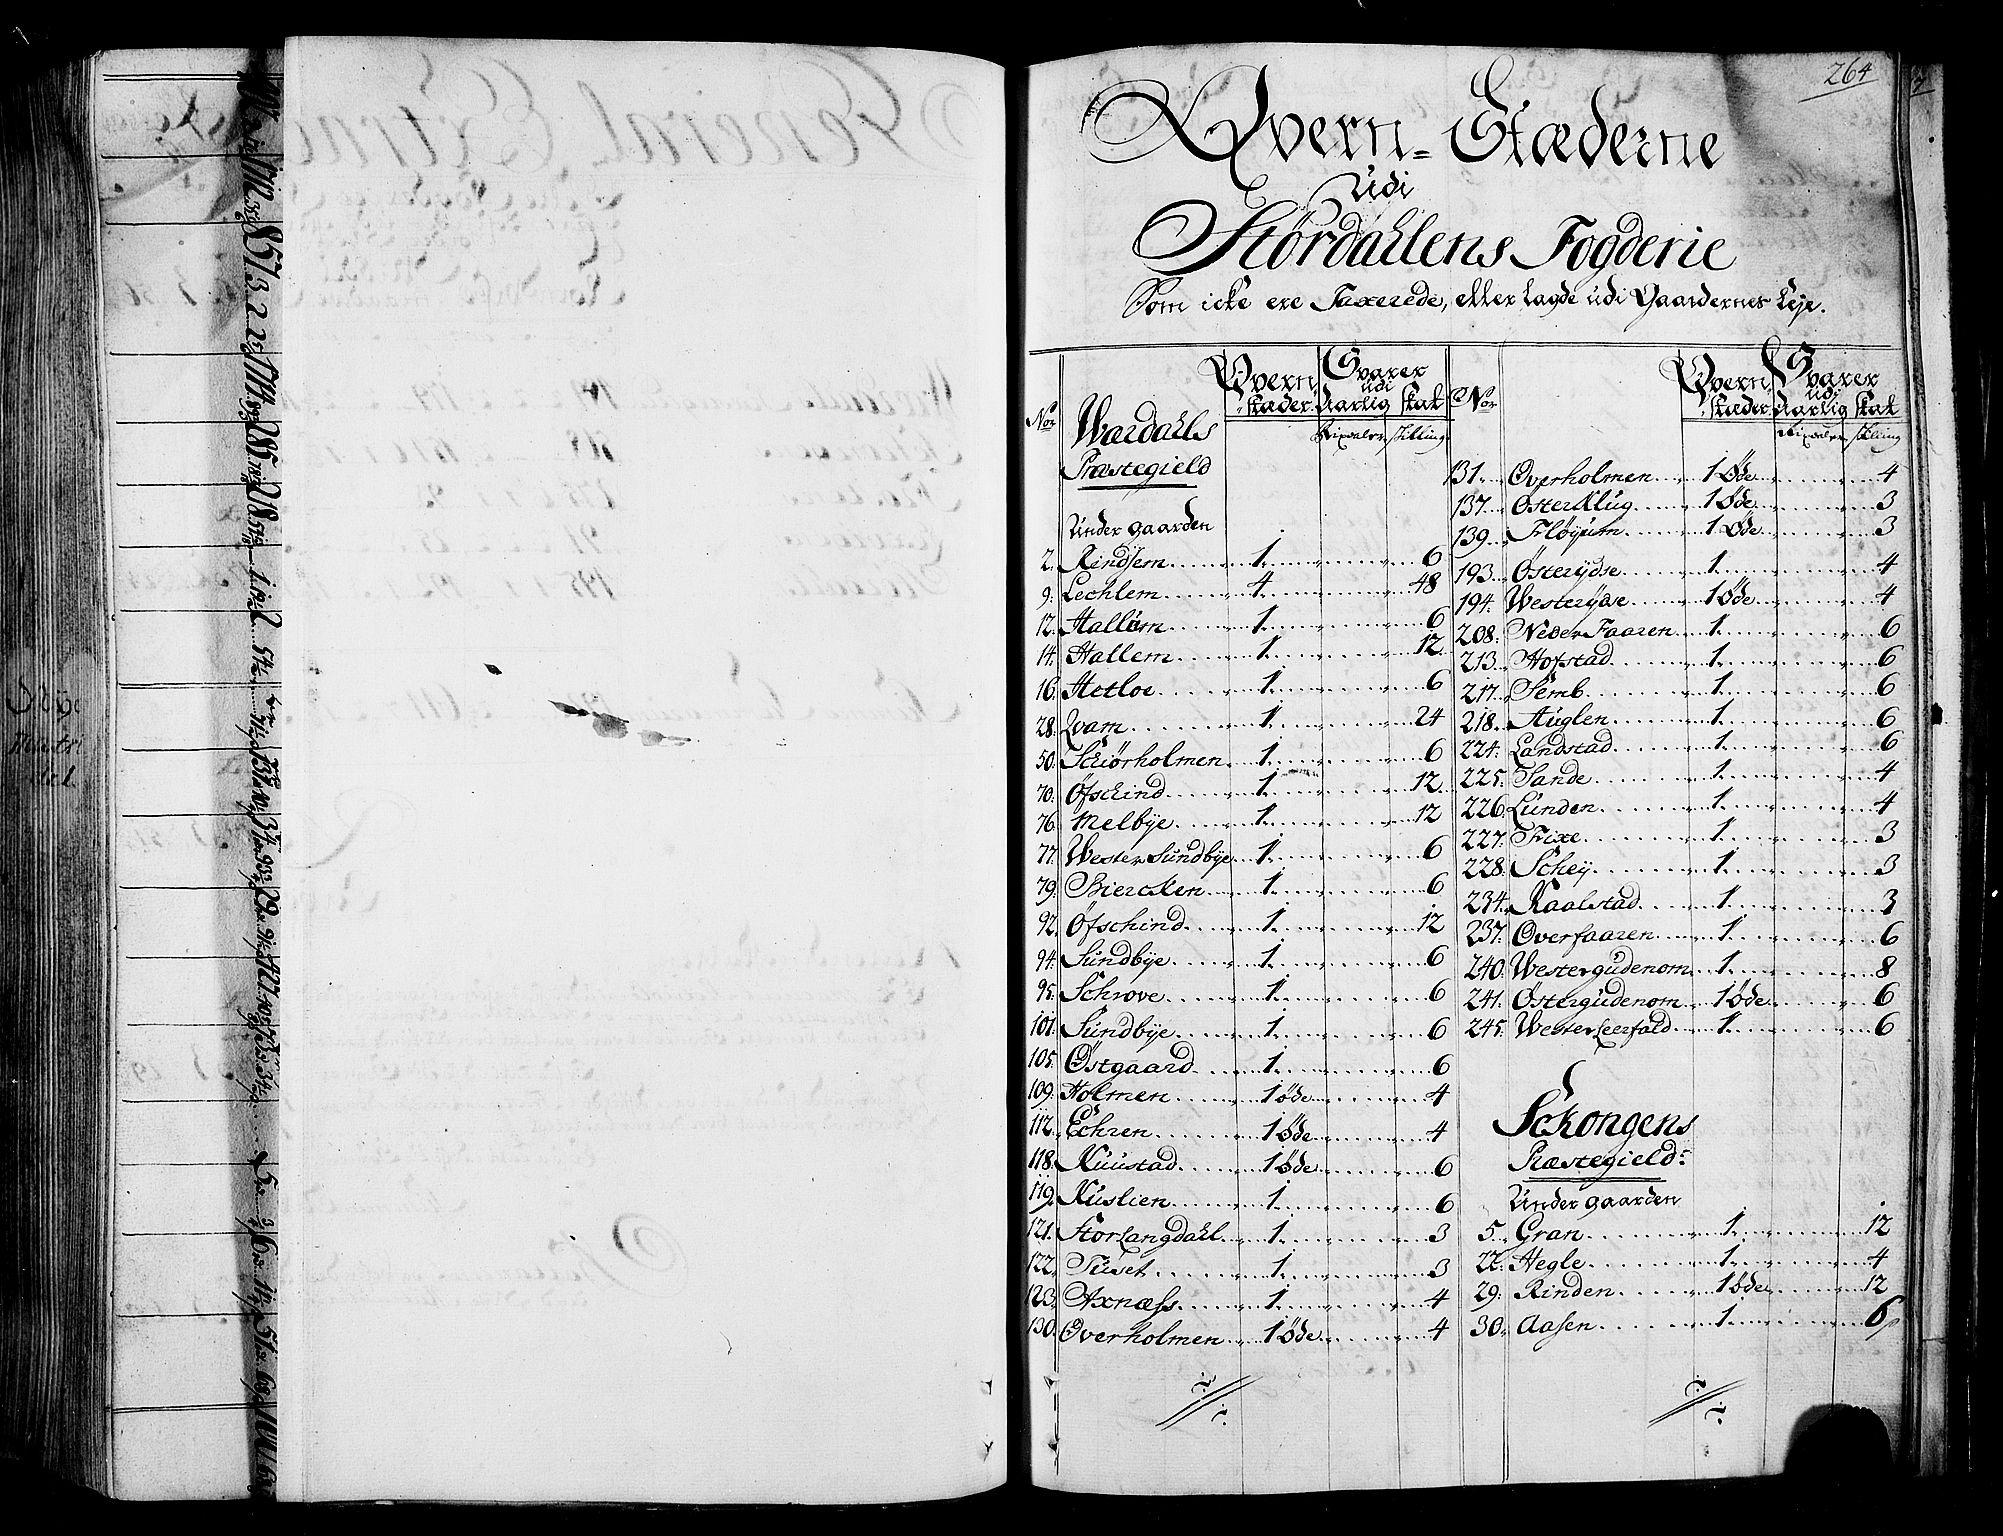 RA, Rentekammeret inntil 1814, Realistisk ordnet avdeling, N/Nb/Nbf/L0165: Stjørdal og Verdal matrikkelprotokoll, 1723, s. 263b-264a